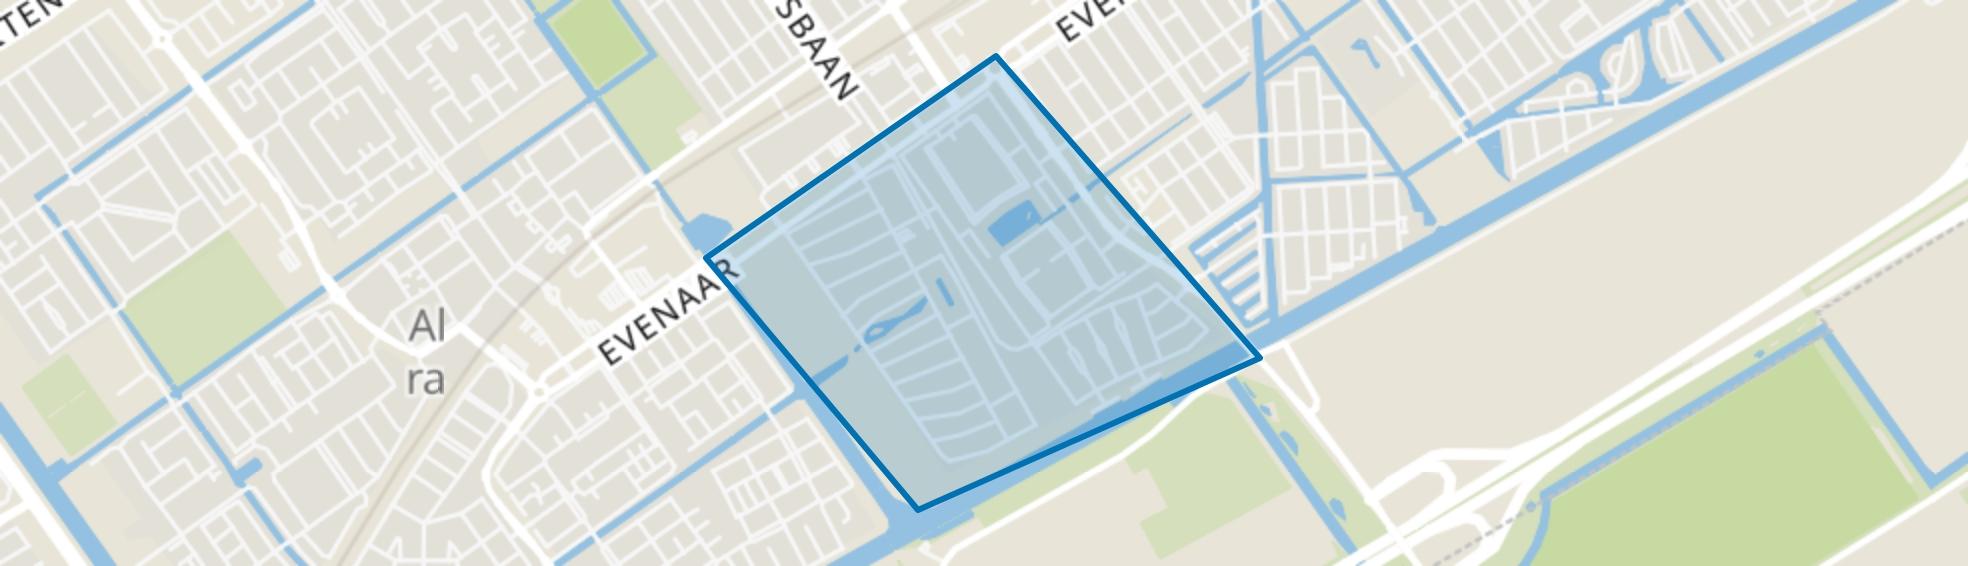 Regenboogbuurt, Almere map